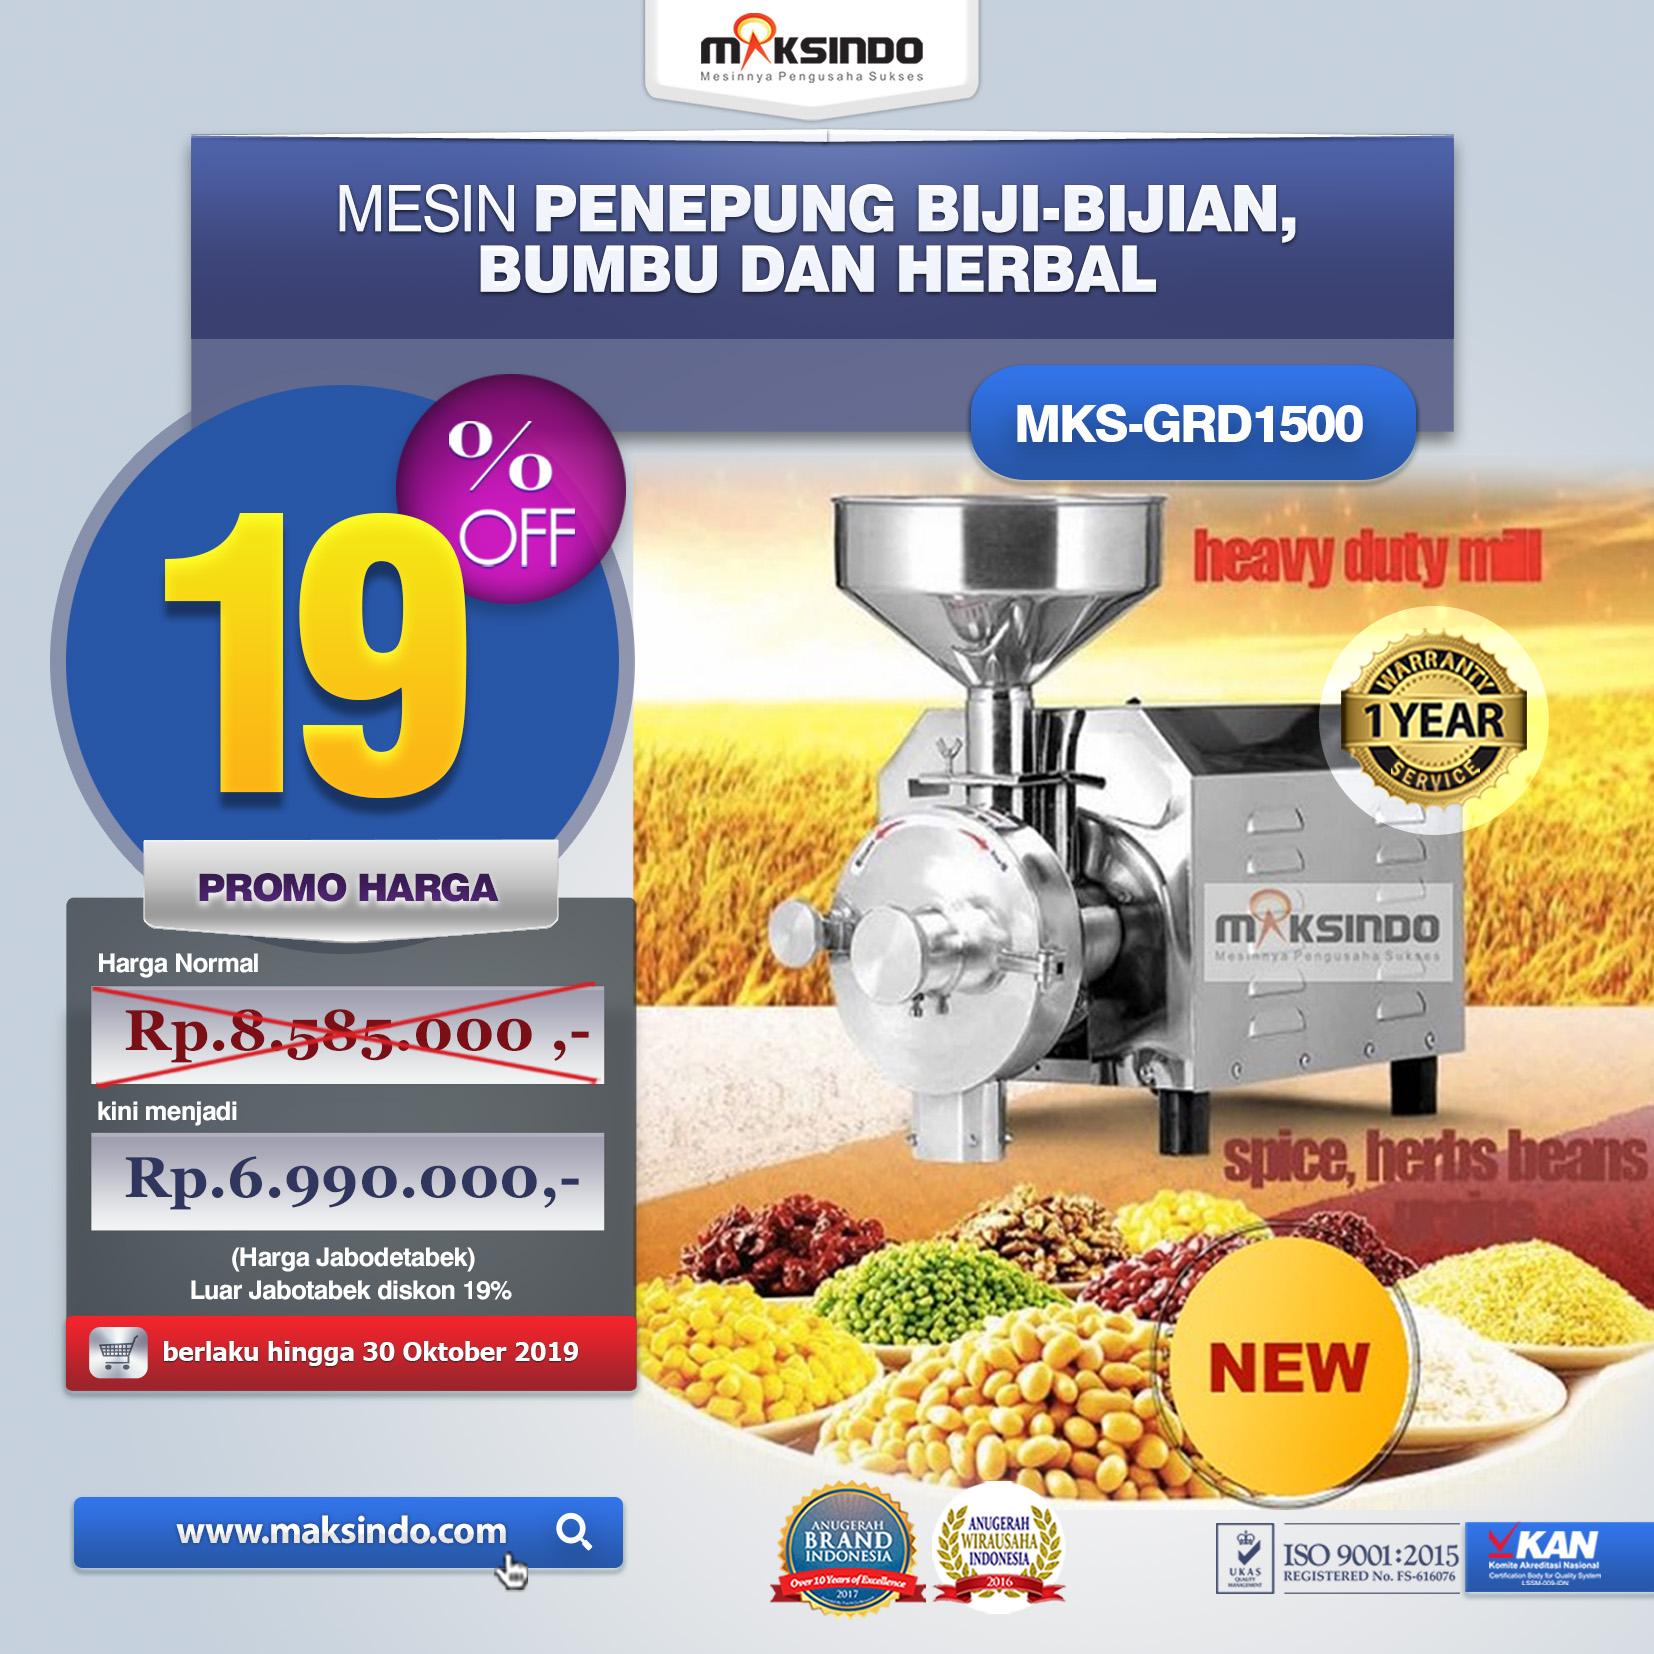 MKS GRD1500 Mesin Penepung Biji bumbu dan herbal